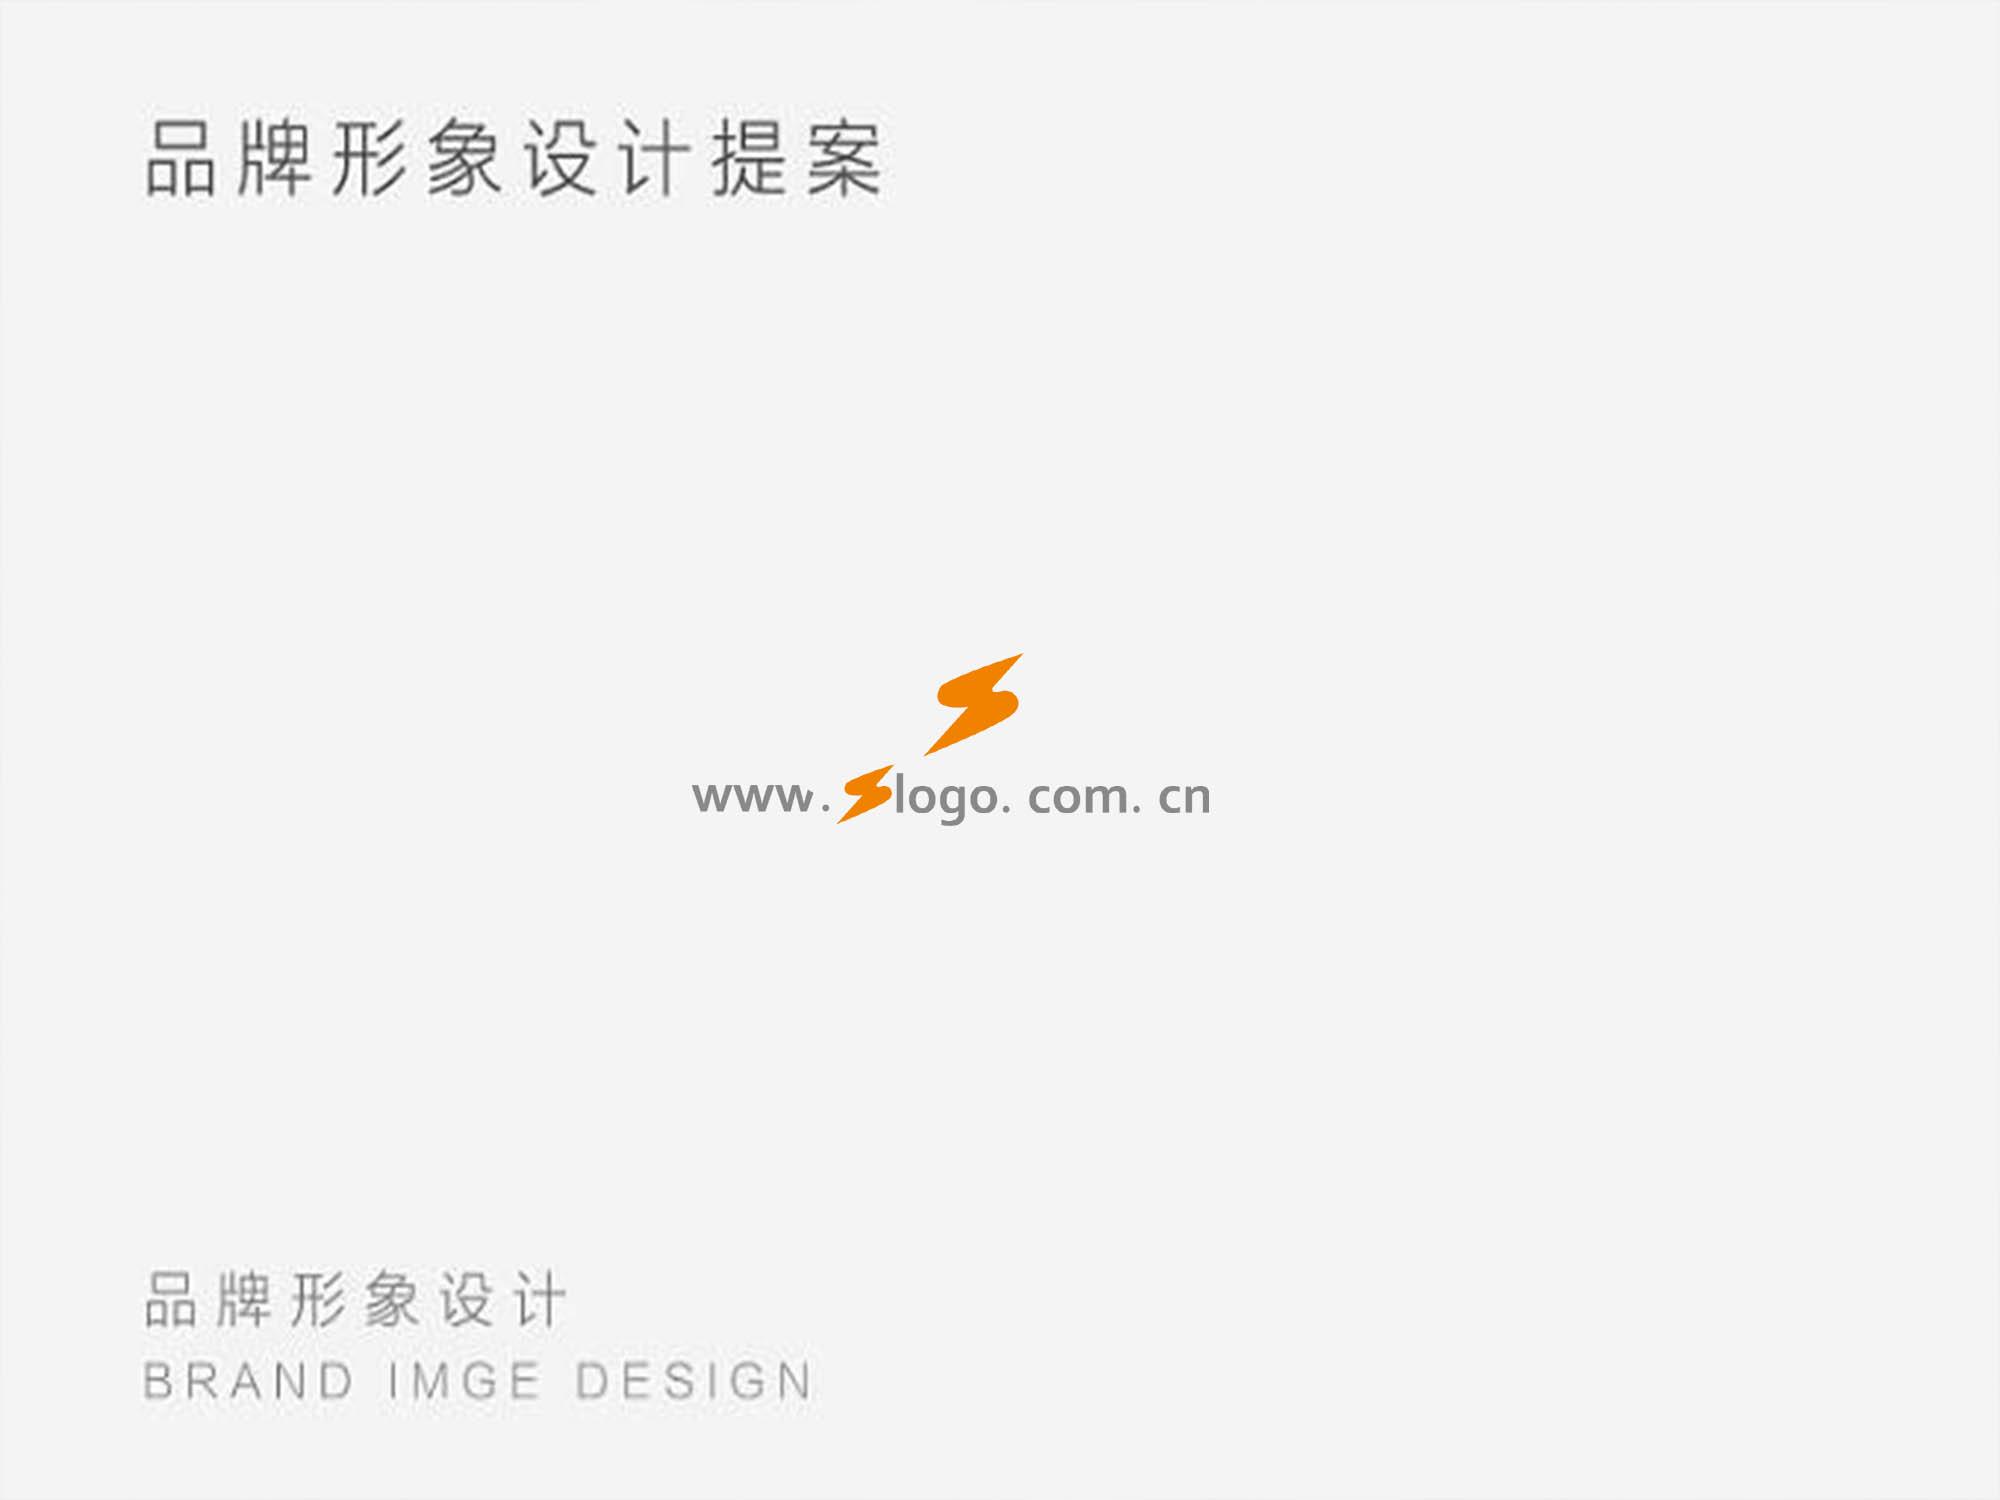 闪电logo设计_3028182_k68威客网